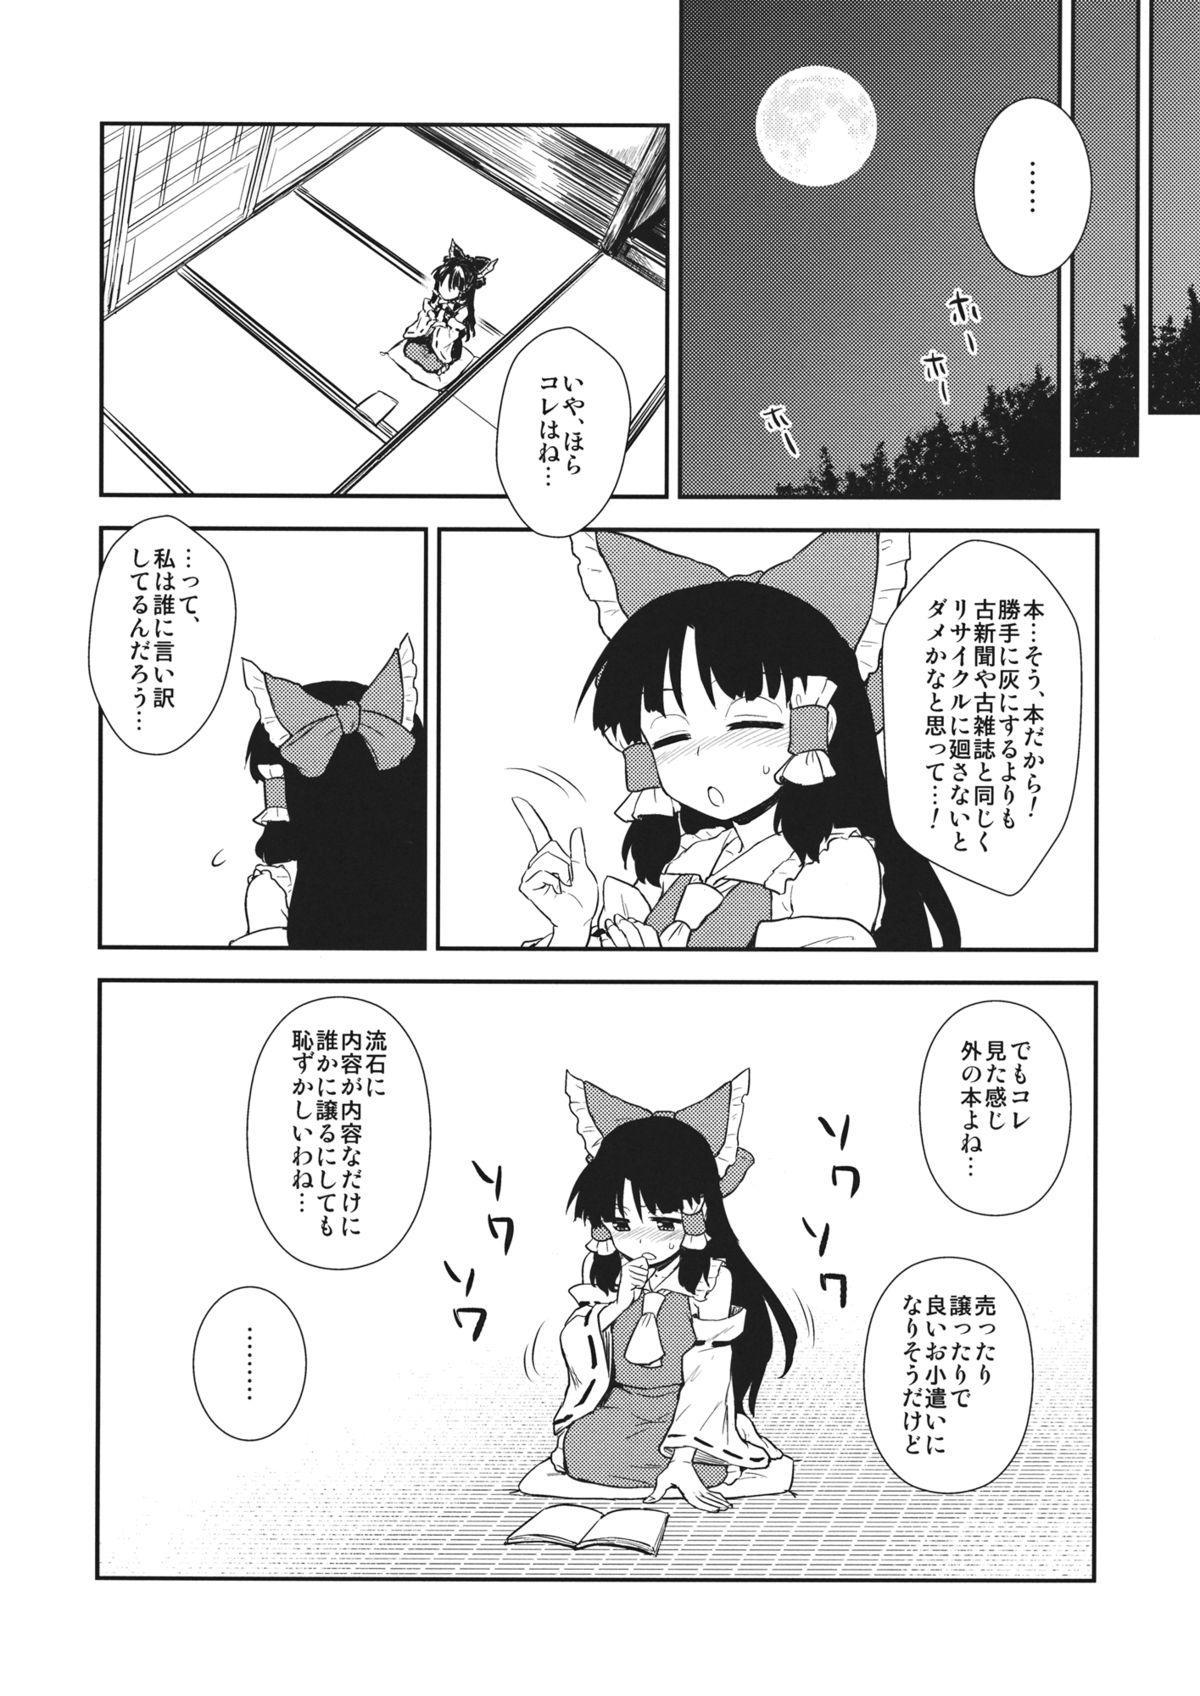 Otoshigoro no Reimu-san 2